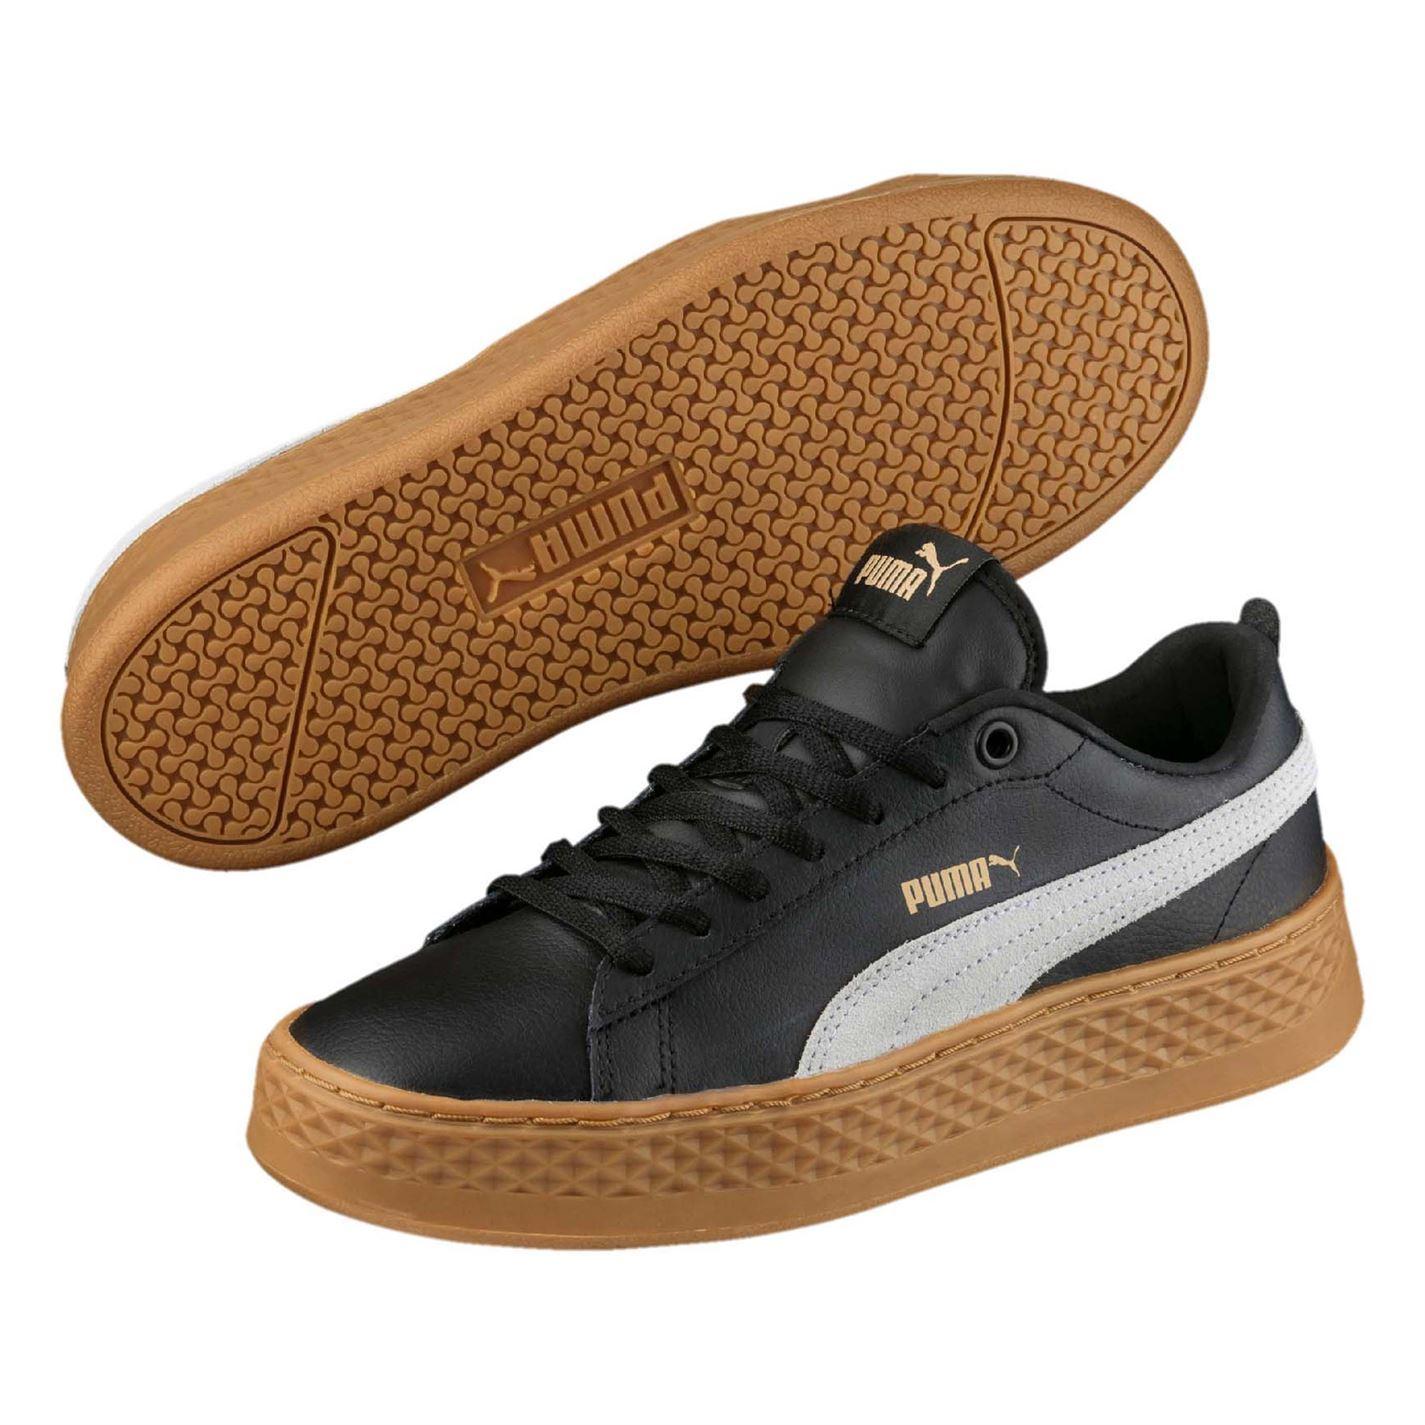 Puma Smash Platform Leather Trainers Athleisure Sneakers shoes Footwear Footwear Footwear c4b22d